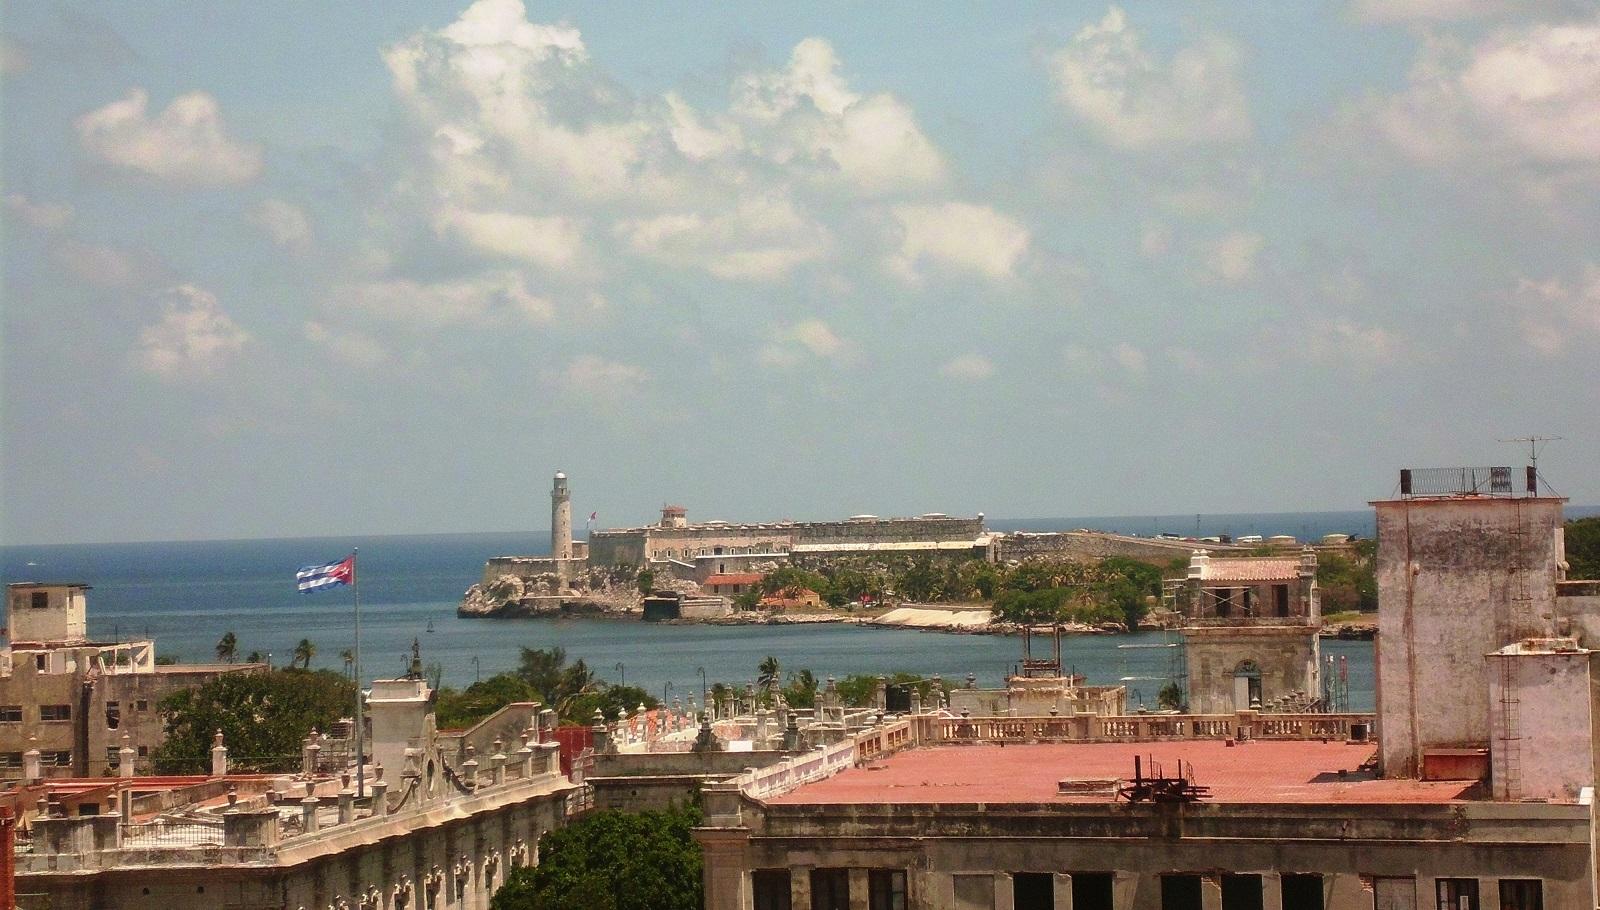 Centro Histórico de la Habana Vieja y su sistema de fortificaciones